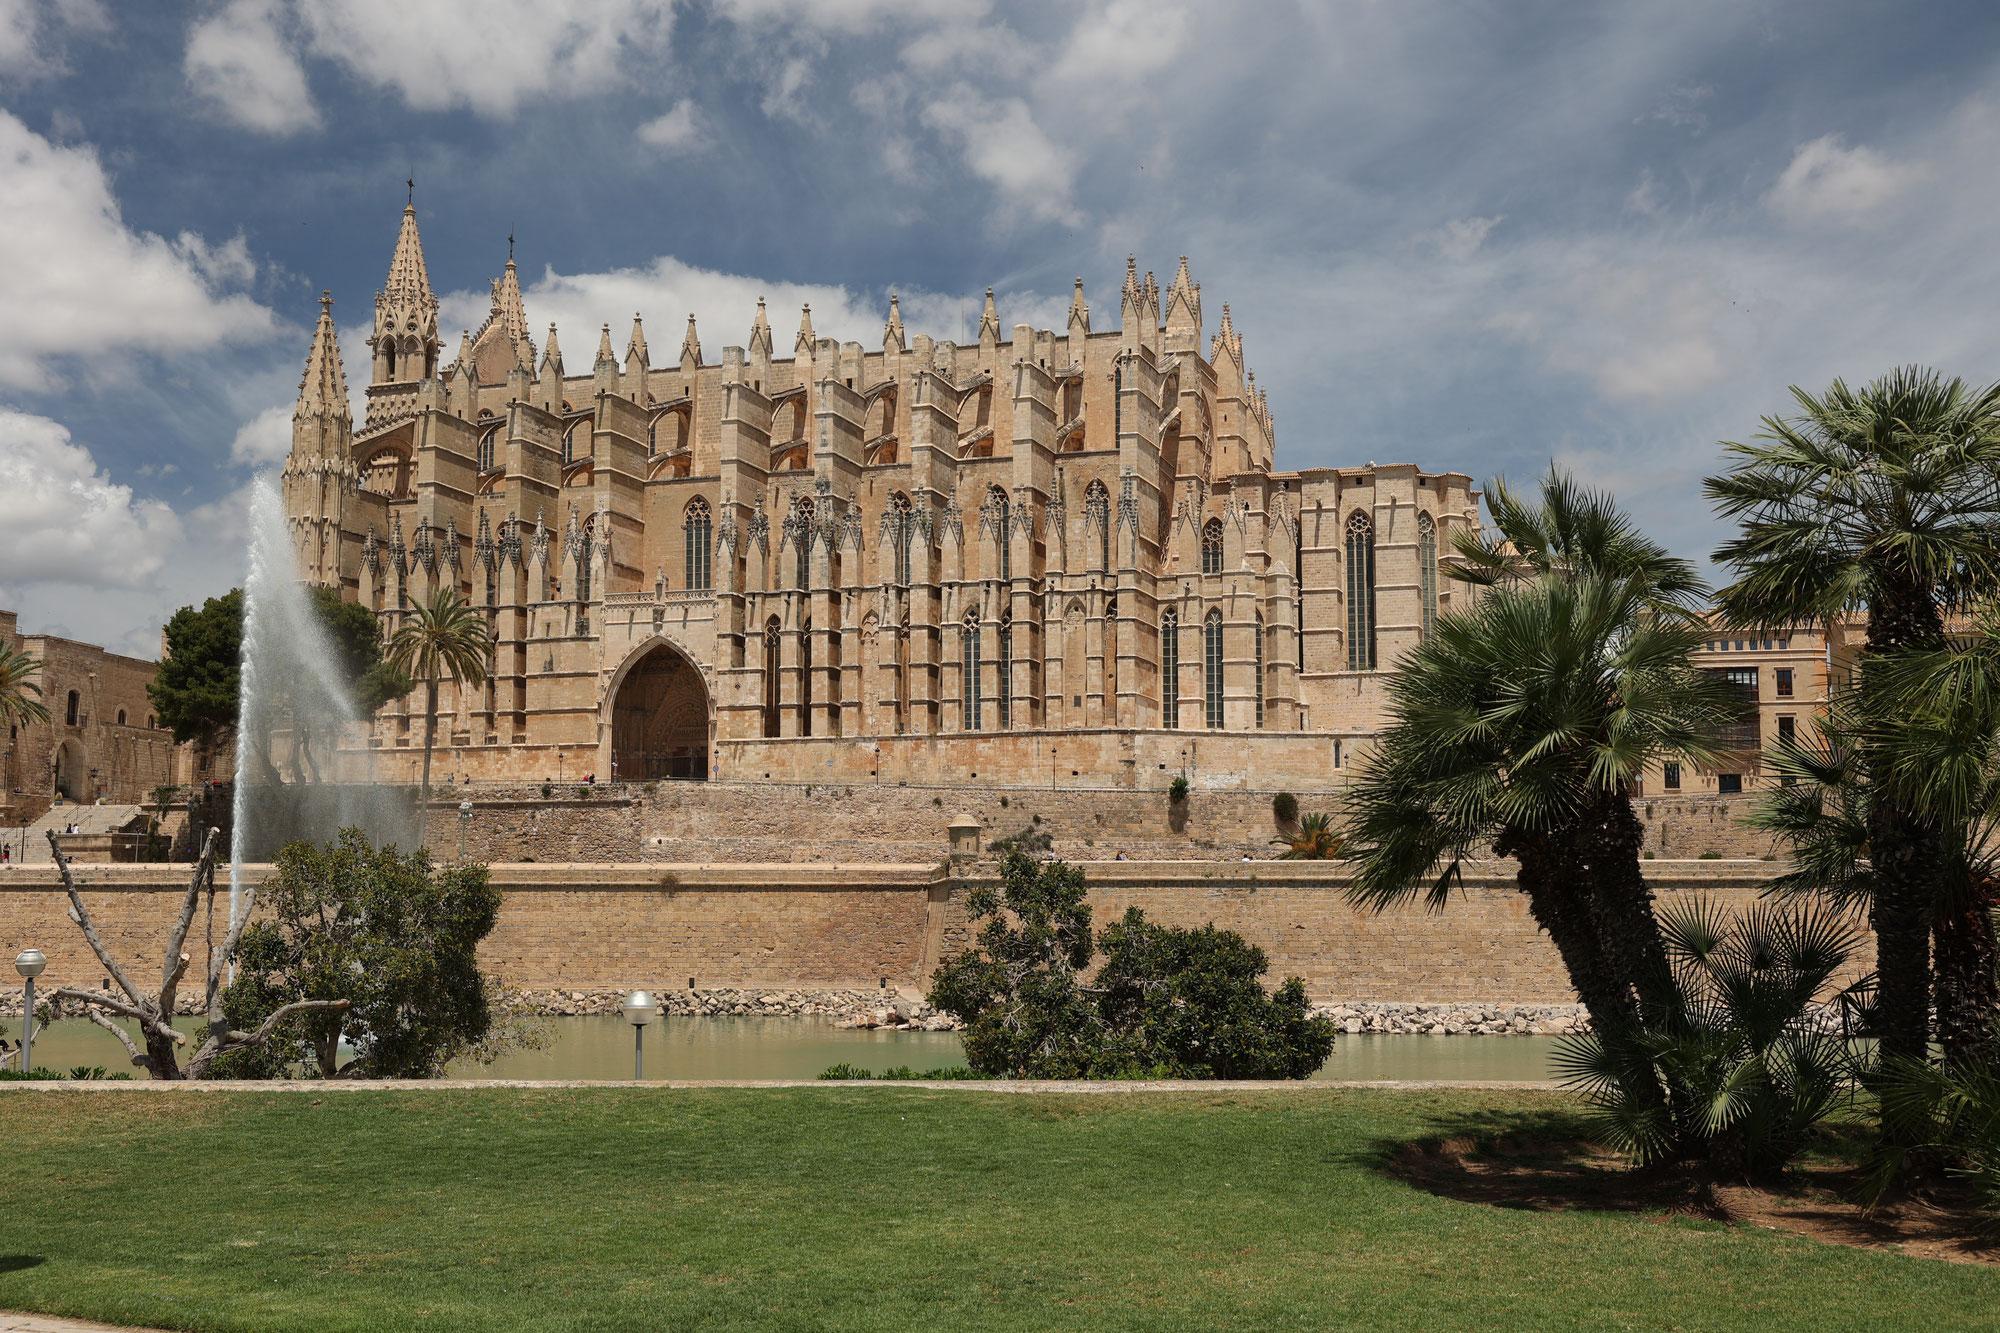 Tag 5 - Palma de Mallorca